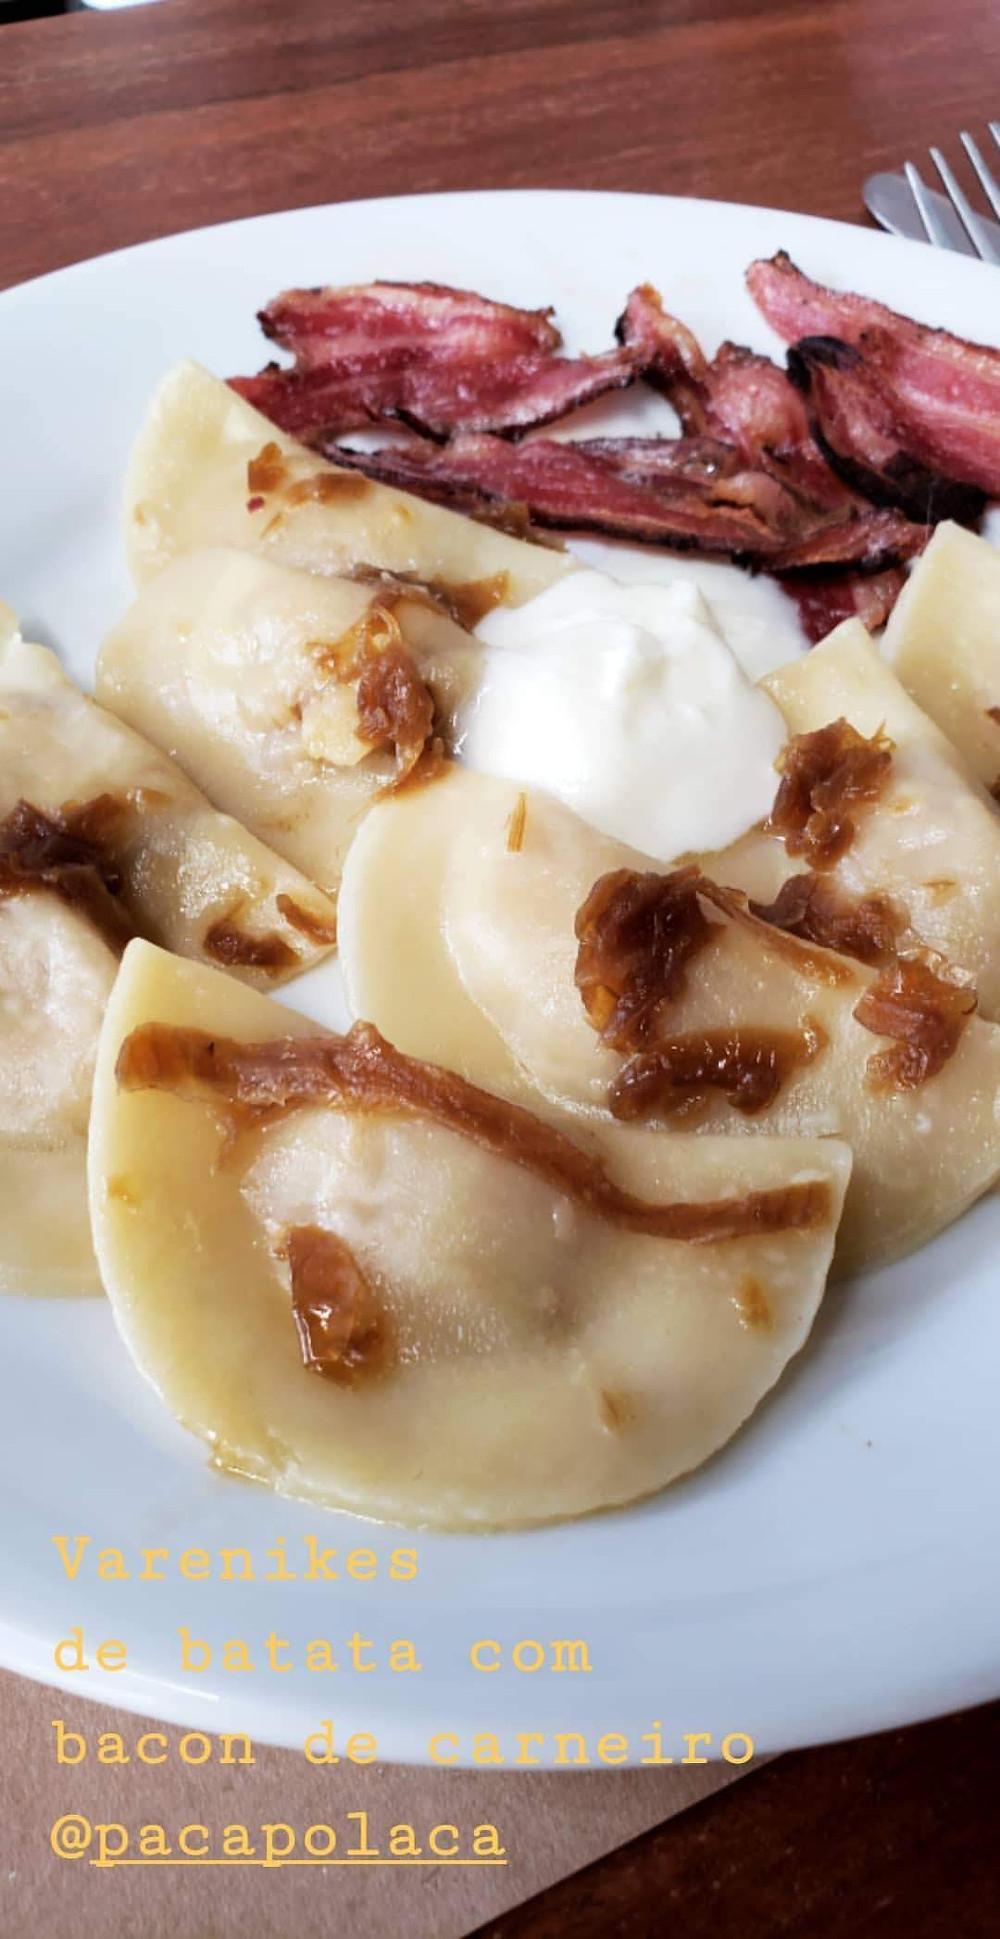 verenikes de batata com bacon de cordeiro do @pacapolaca